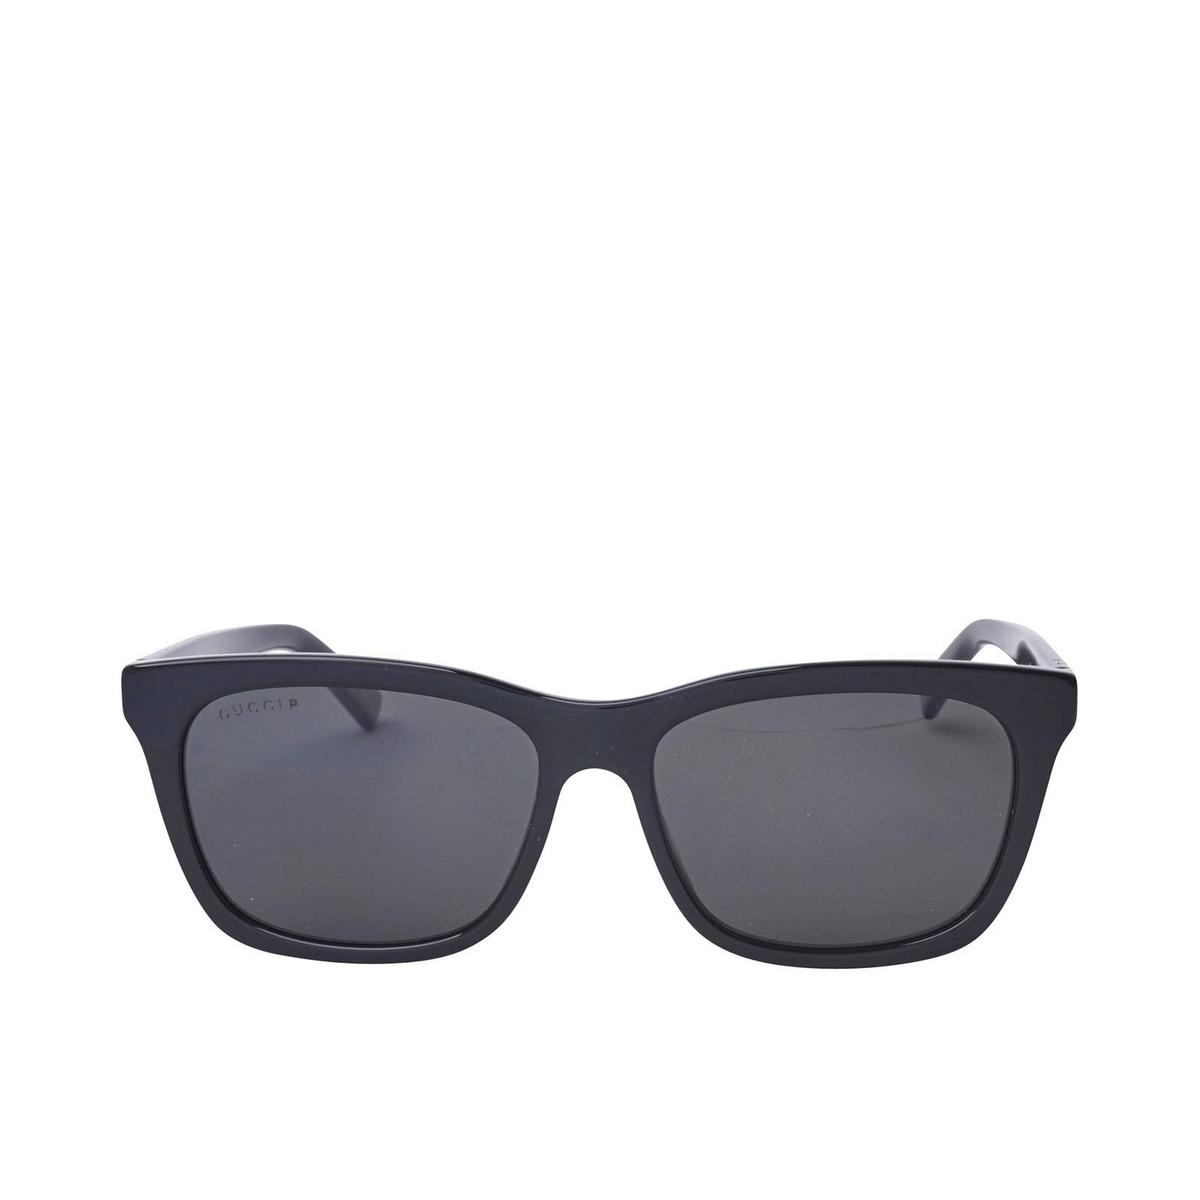 Gucci® Square Sunglasses: GG0449S color Black 002 - 1/2.